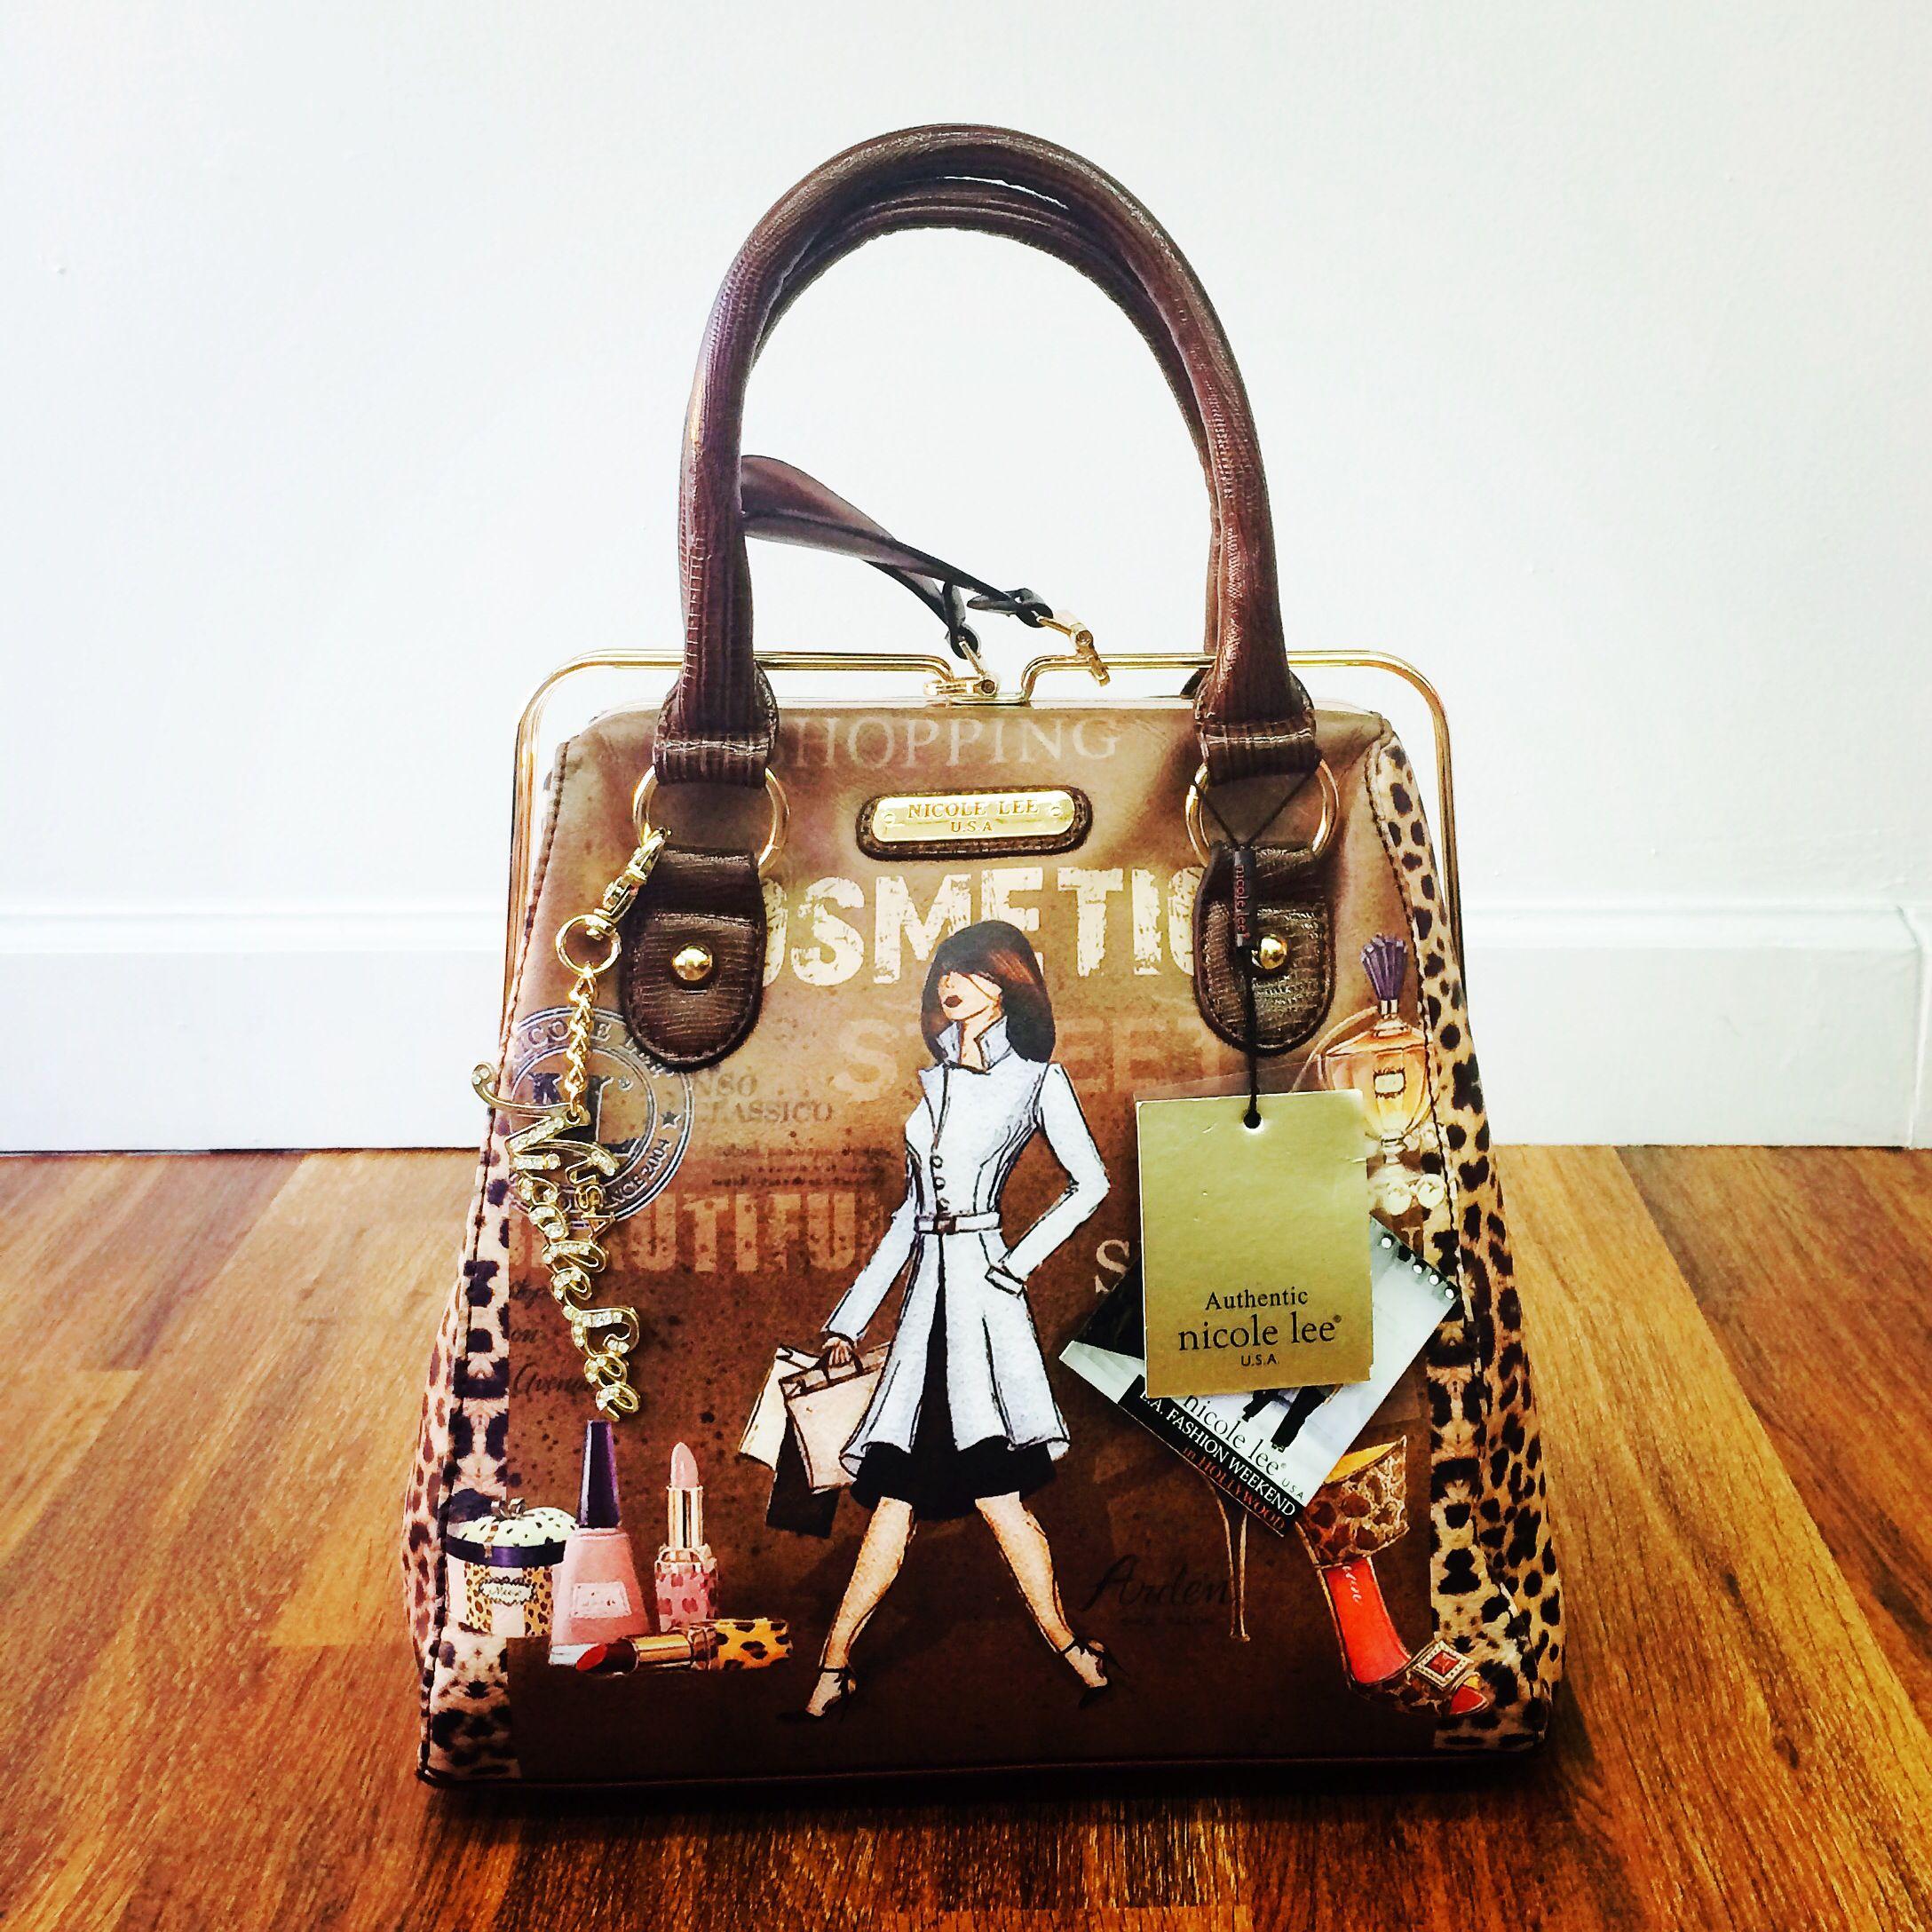 561c9dda38 Cosmetic Nicole Lee Handbag